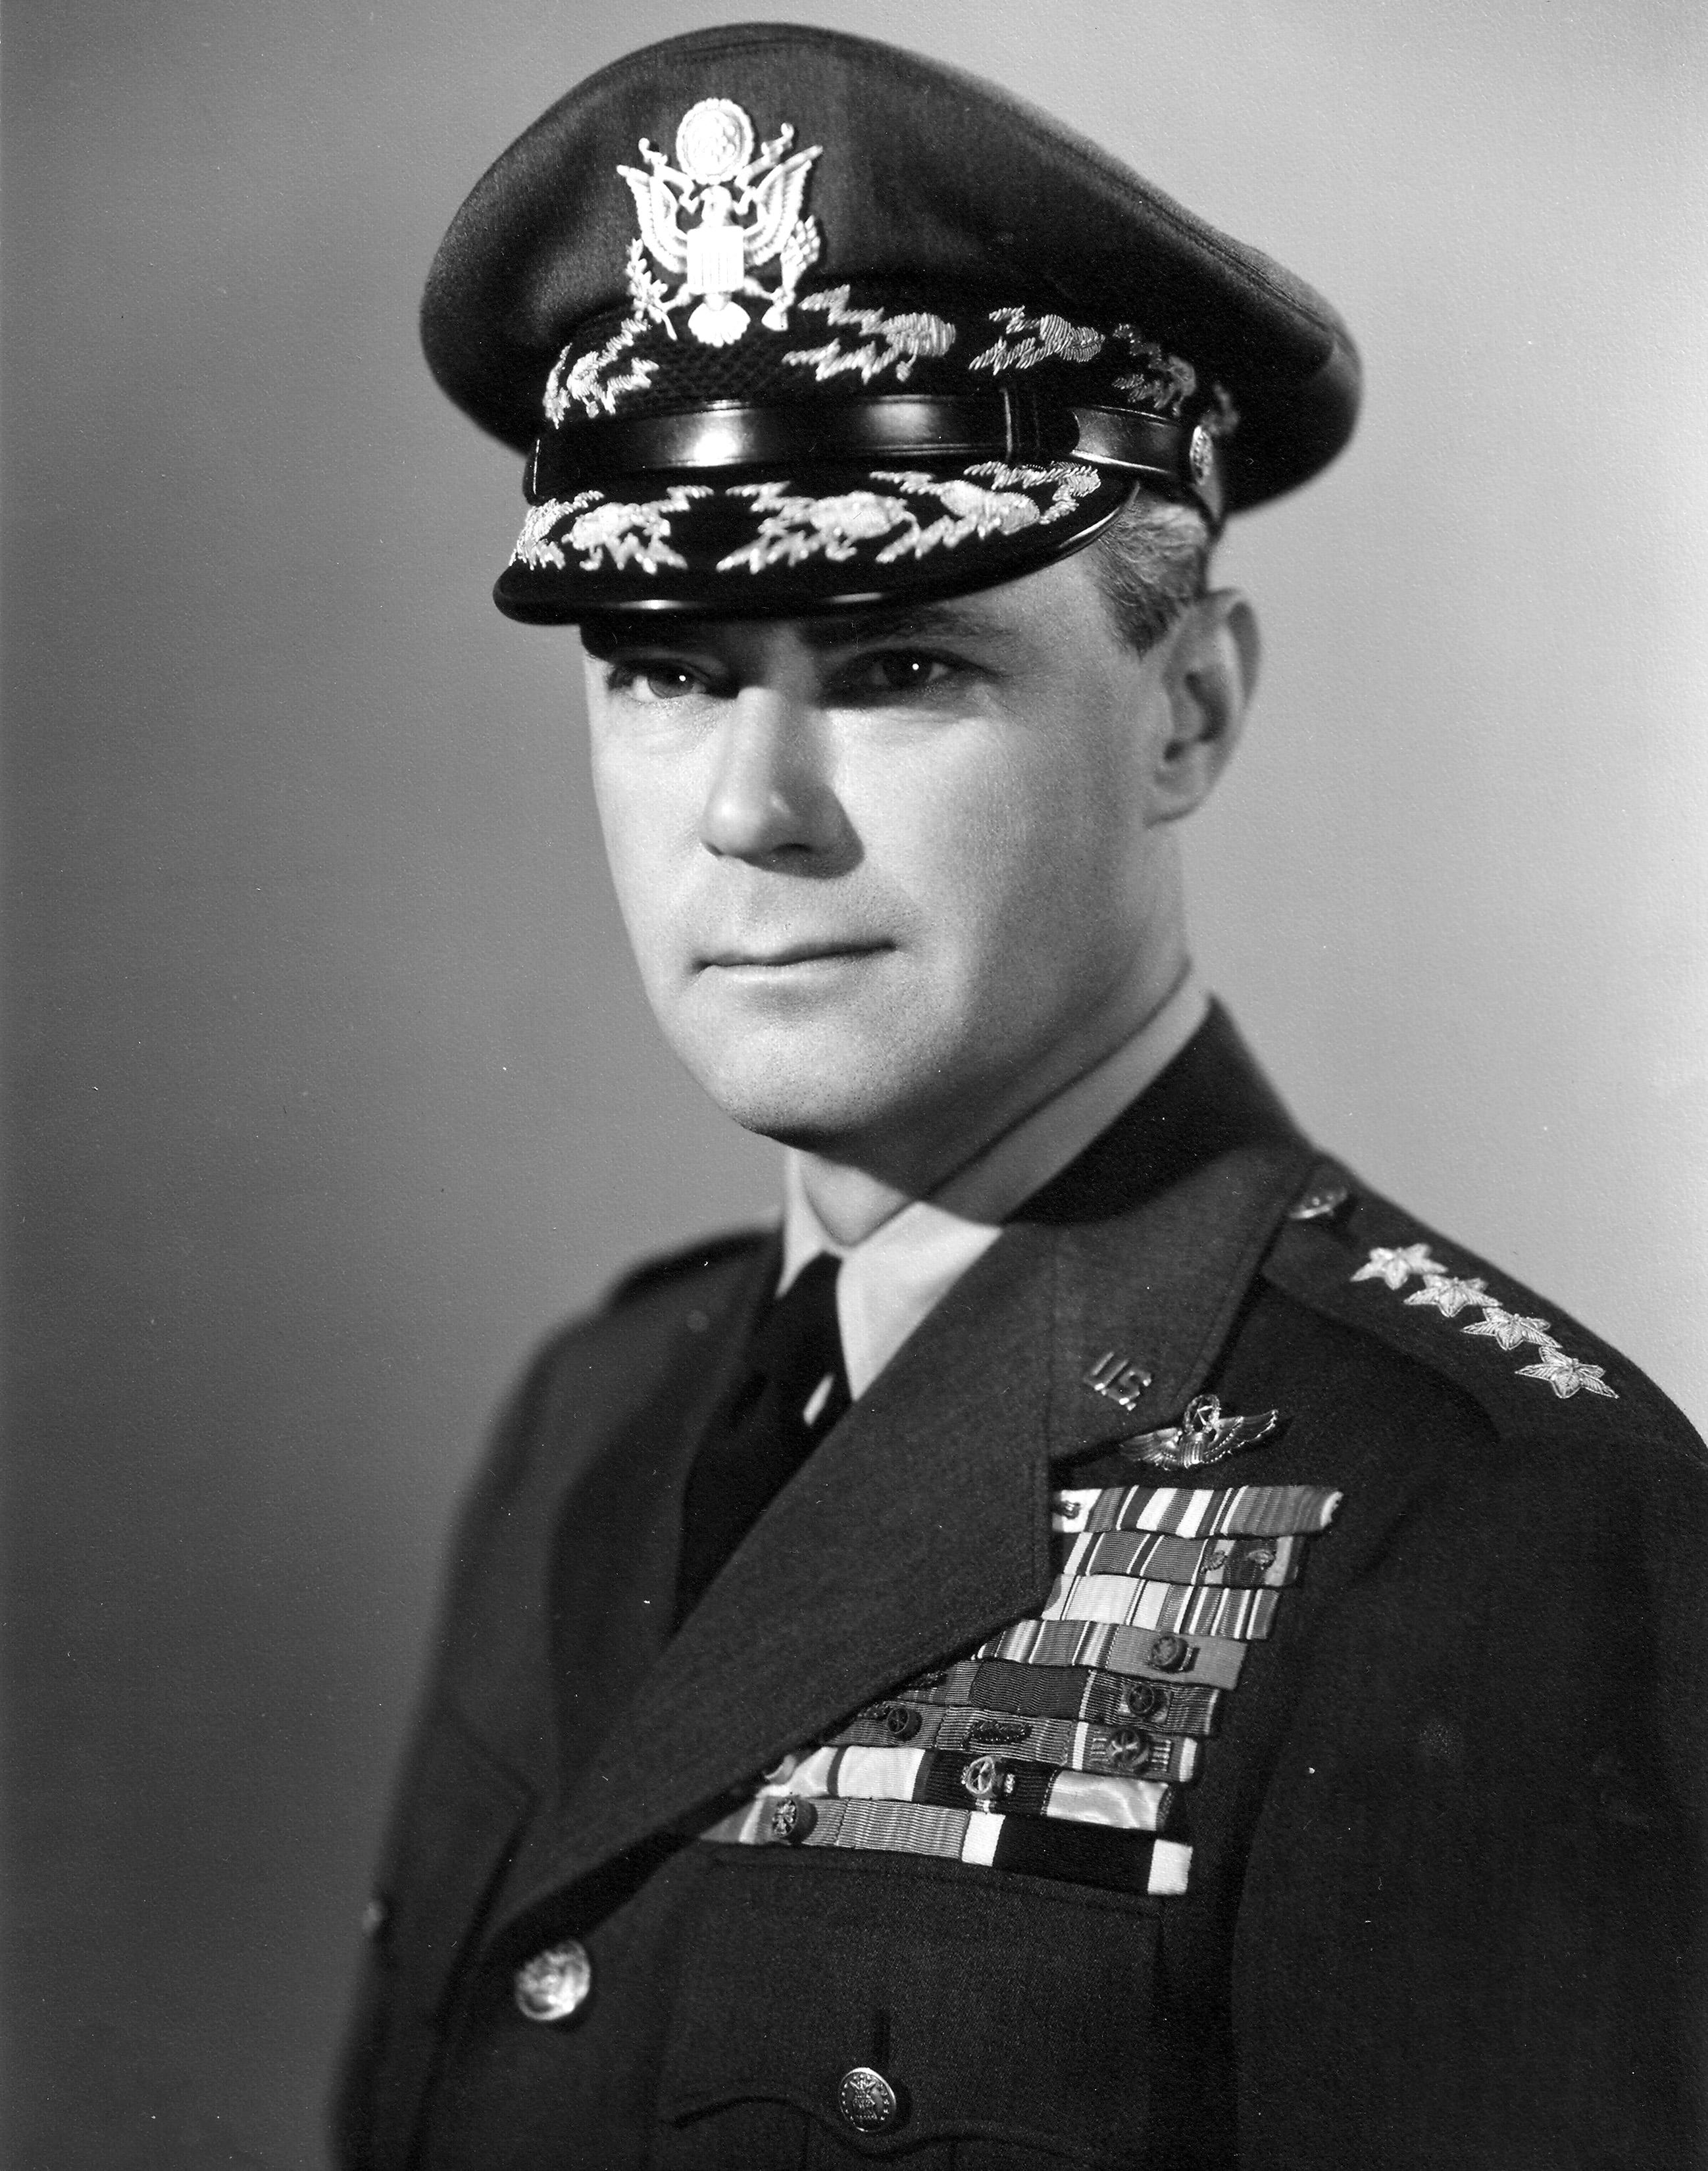 Chief of Staff General Hoyt S. Vandenberg